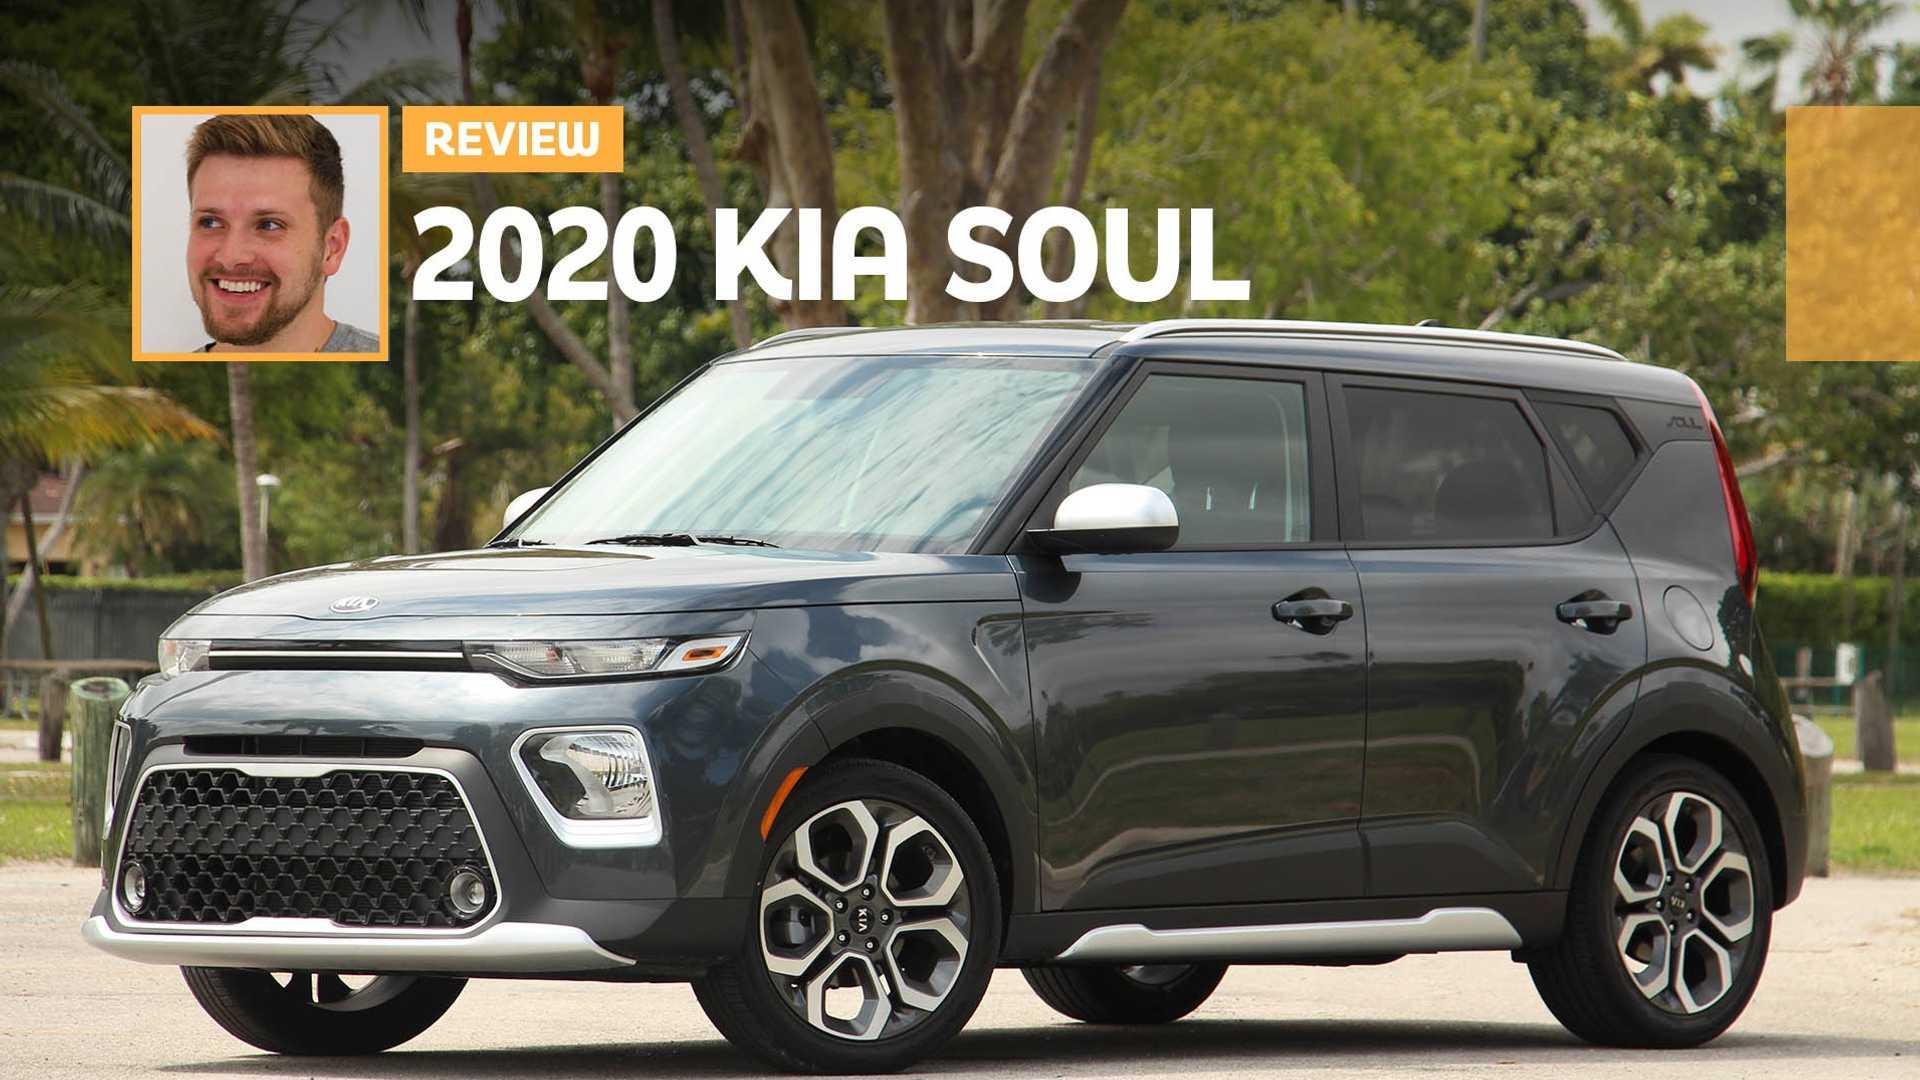 82 Best Review 2020 Kia Soul Xline Photos for 2020 Kia Soul Xline